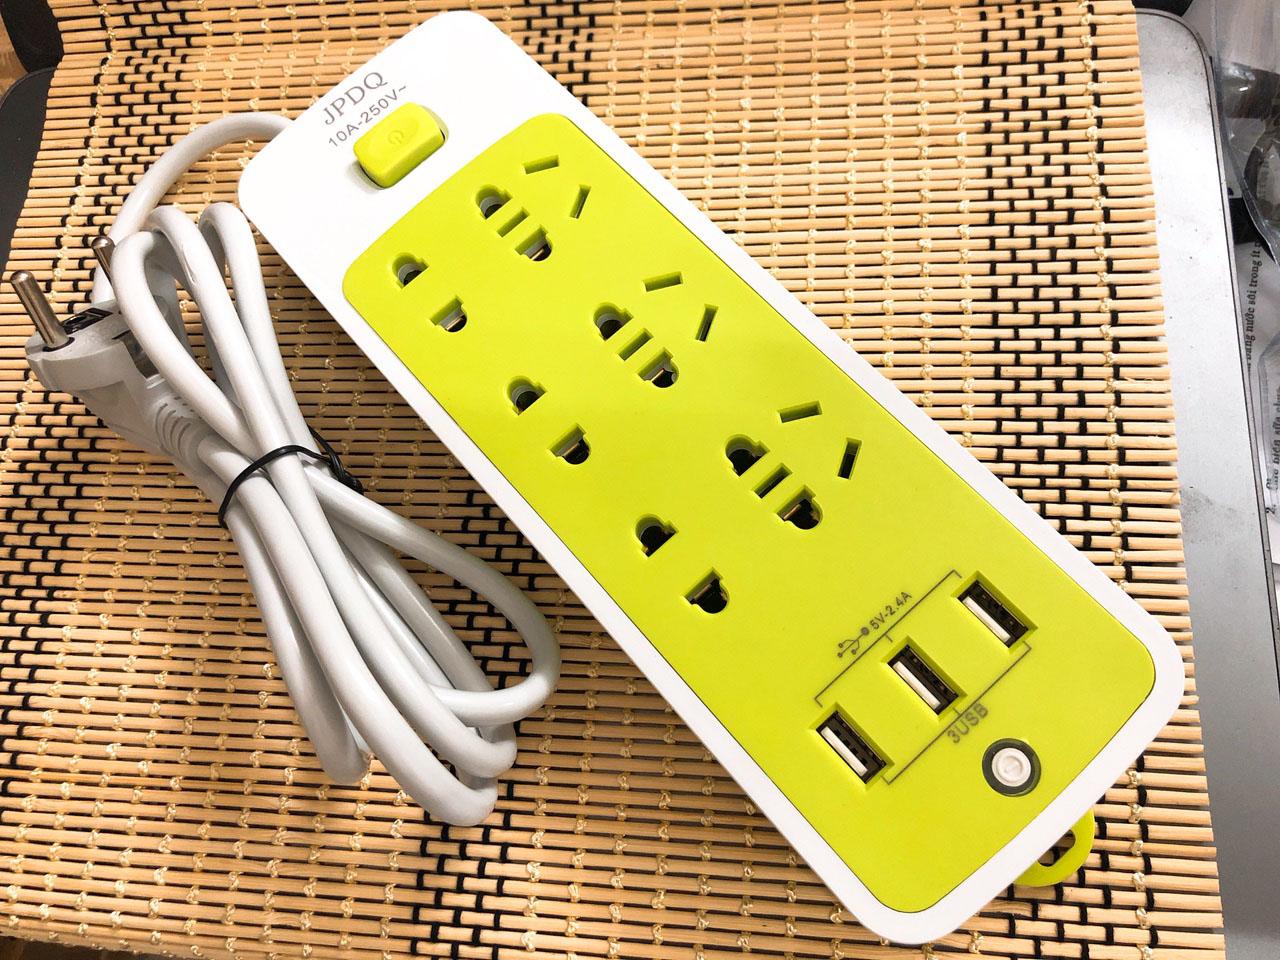 Ổ điện đa năng 21 ổ cắm 3 nguồn usb